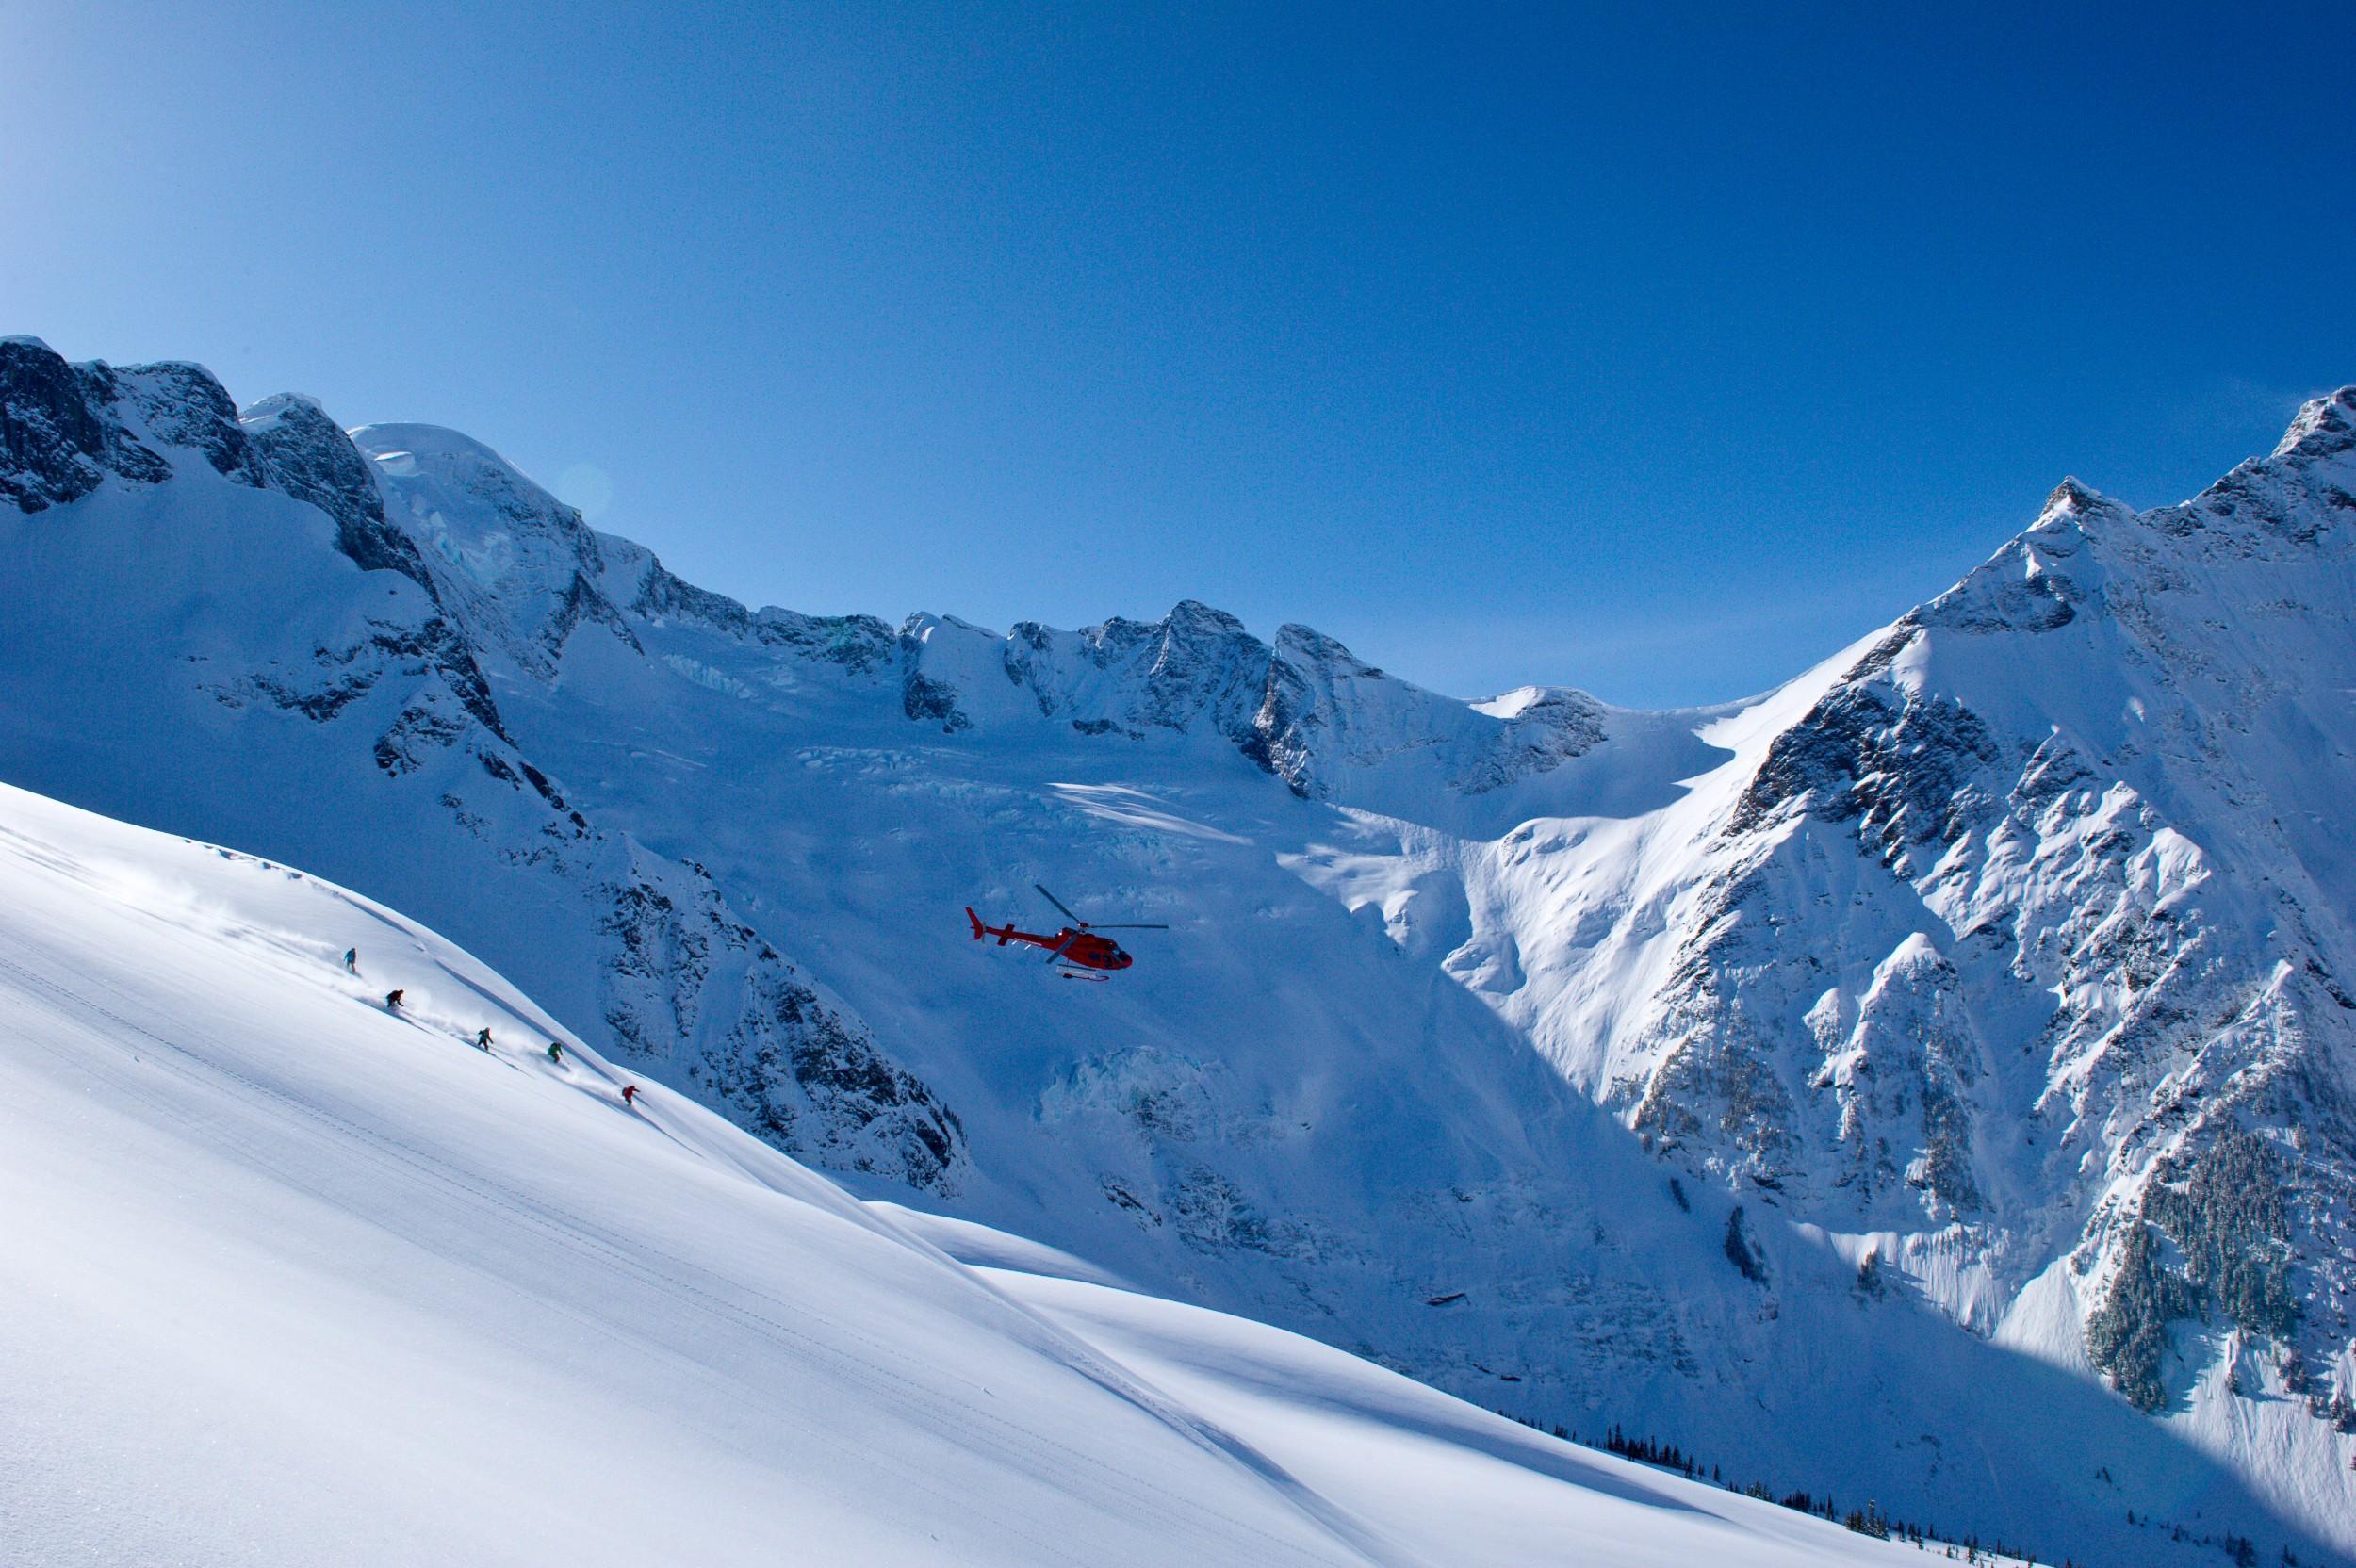 Group Ski and Heli 1 photo Eric Berger and Bella Coola Heli Sports.jpg